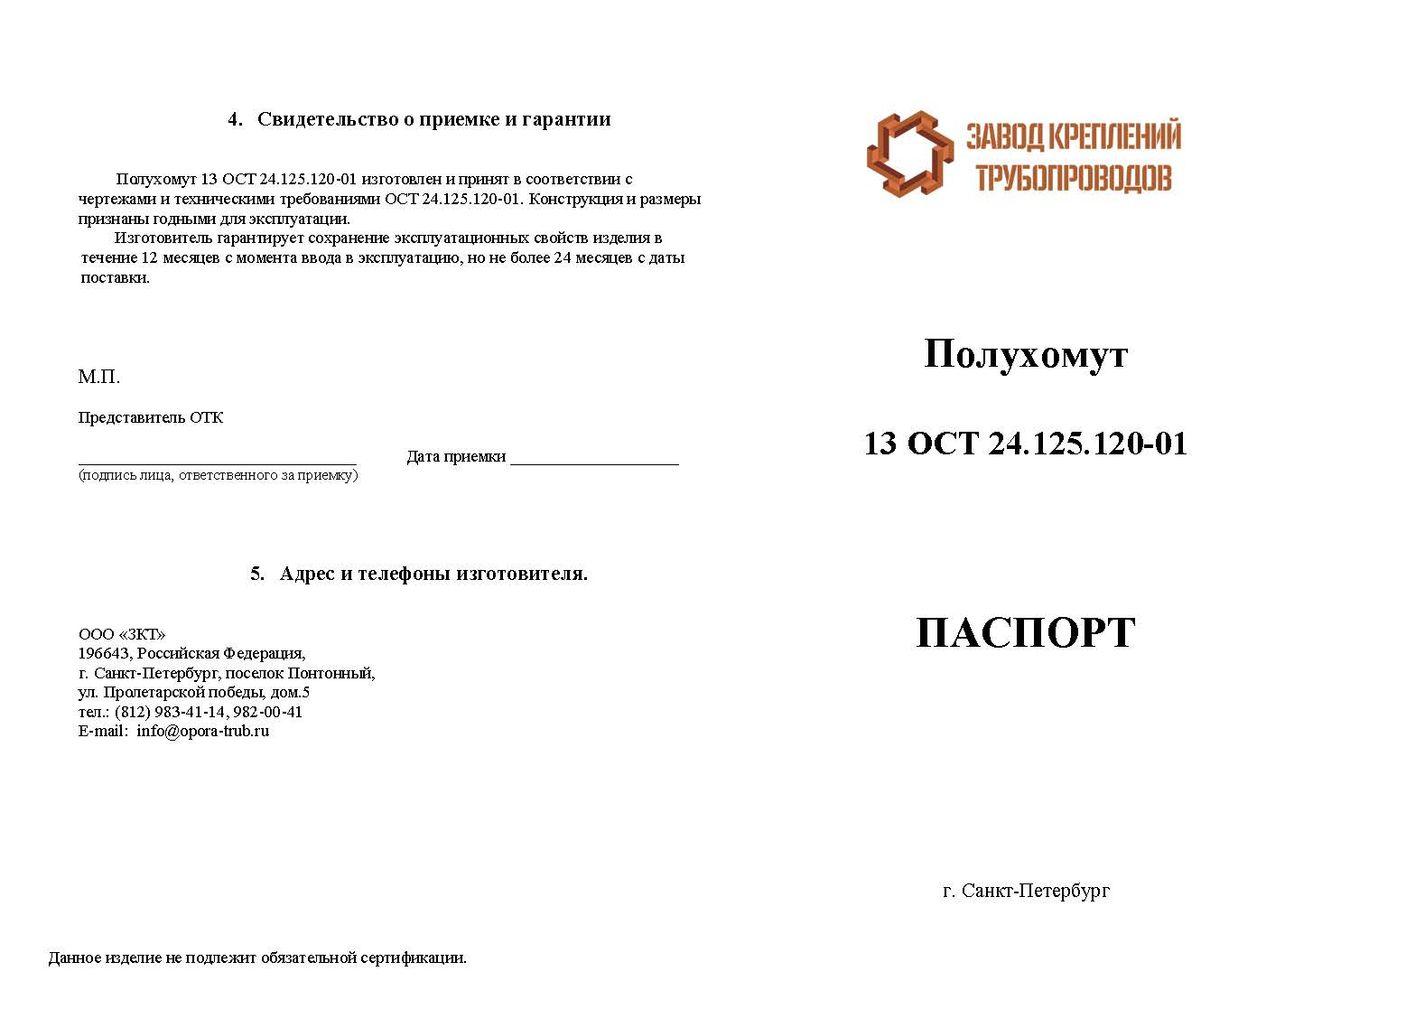 Паспорт Полухомут 13 ОСТ 24.125.120-01 стр.1